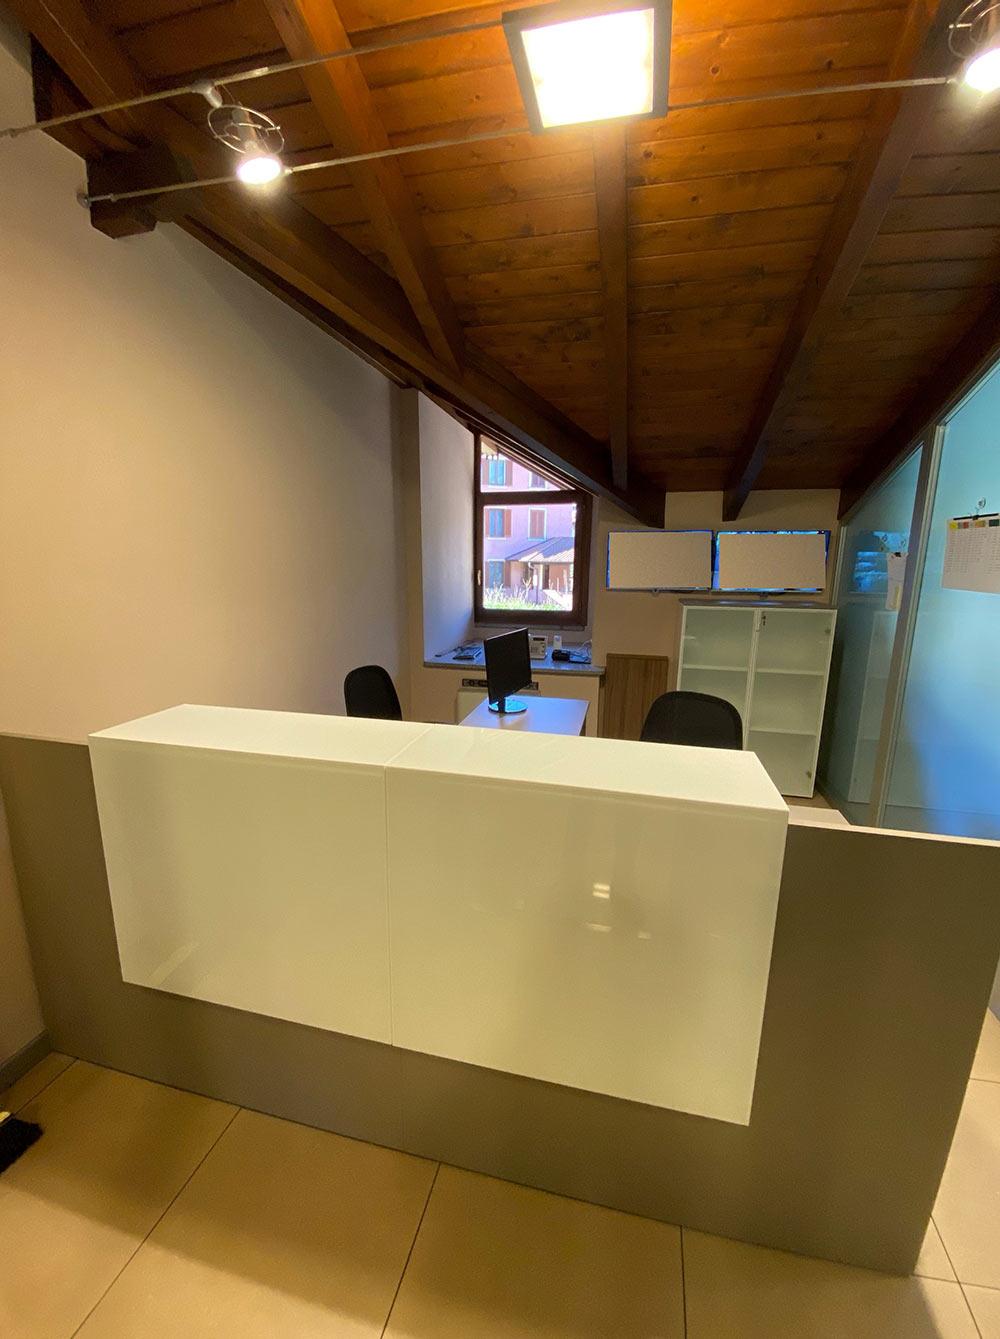 Realizzazione reception per ufficio di onoranze funebri a Varese - Comtec s.r.l. Via Dalmazia 51 201